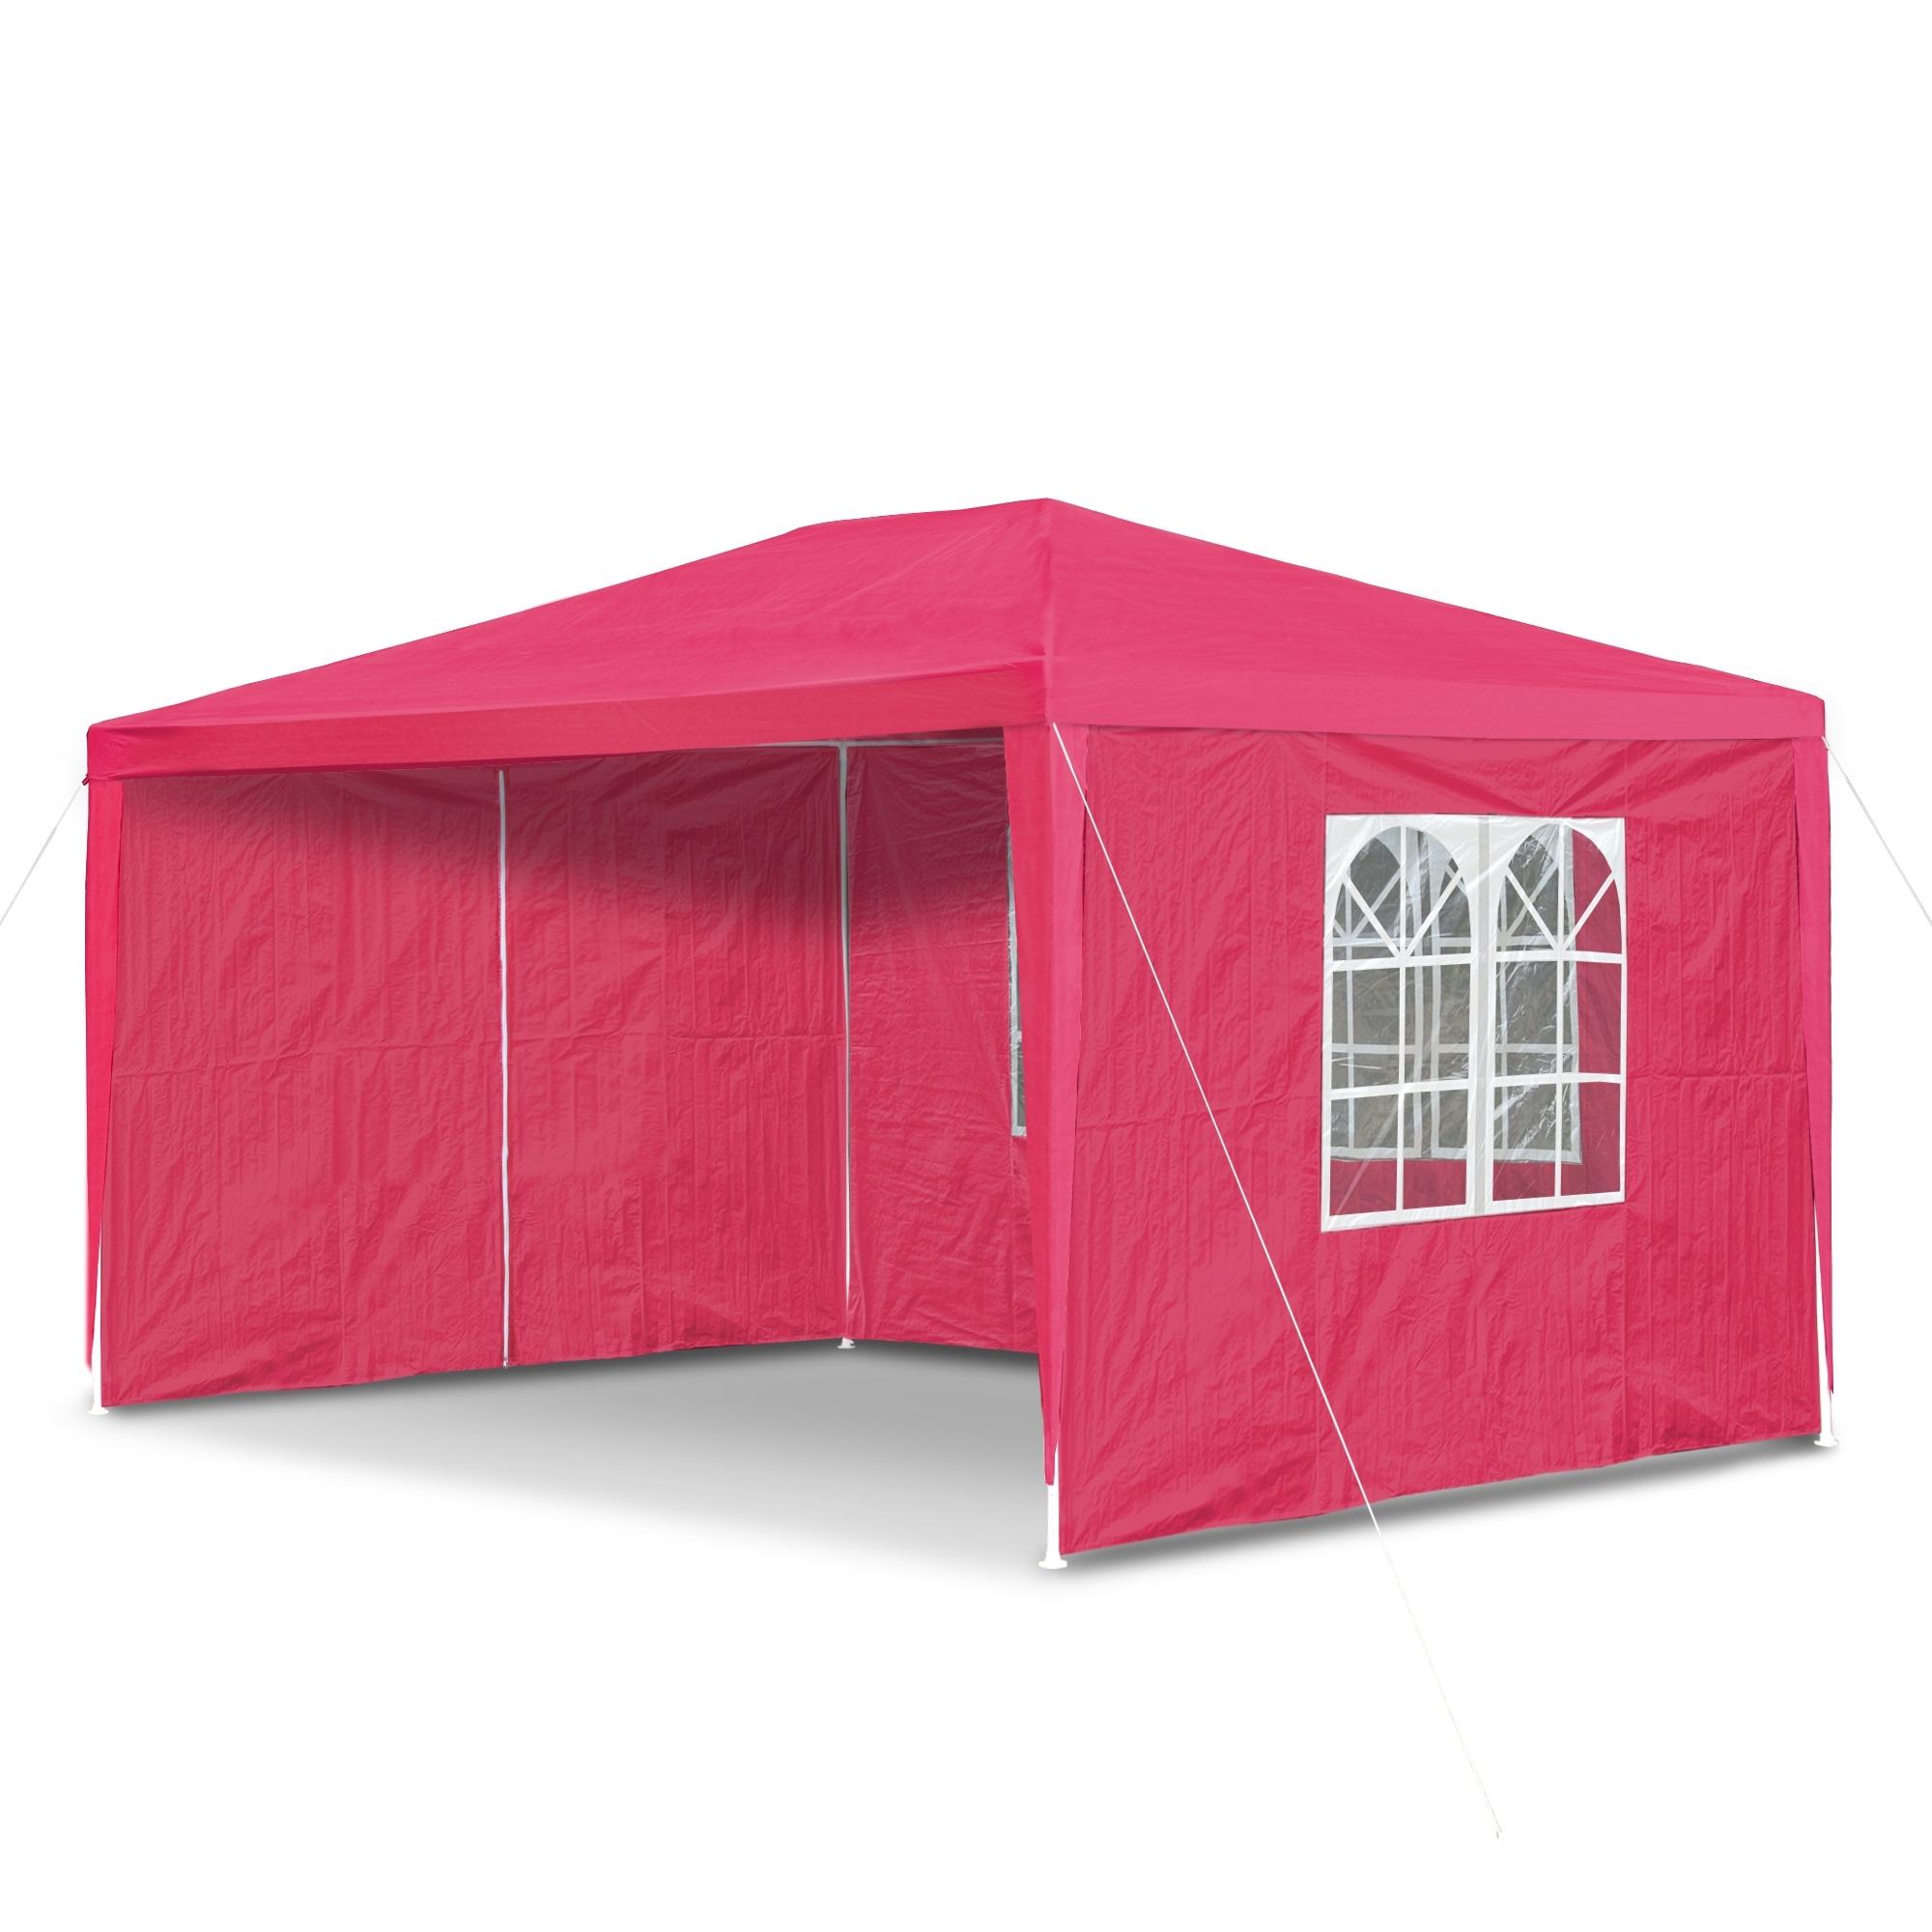 gartenpavillon 3 x 4 m mit 4 seitenw nden 3 x fenster und t r mit reisverschluss himbeer rot. Black Bedroom Furniture Sets. Home Design Ideas